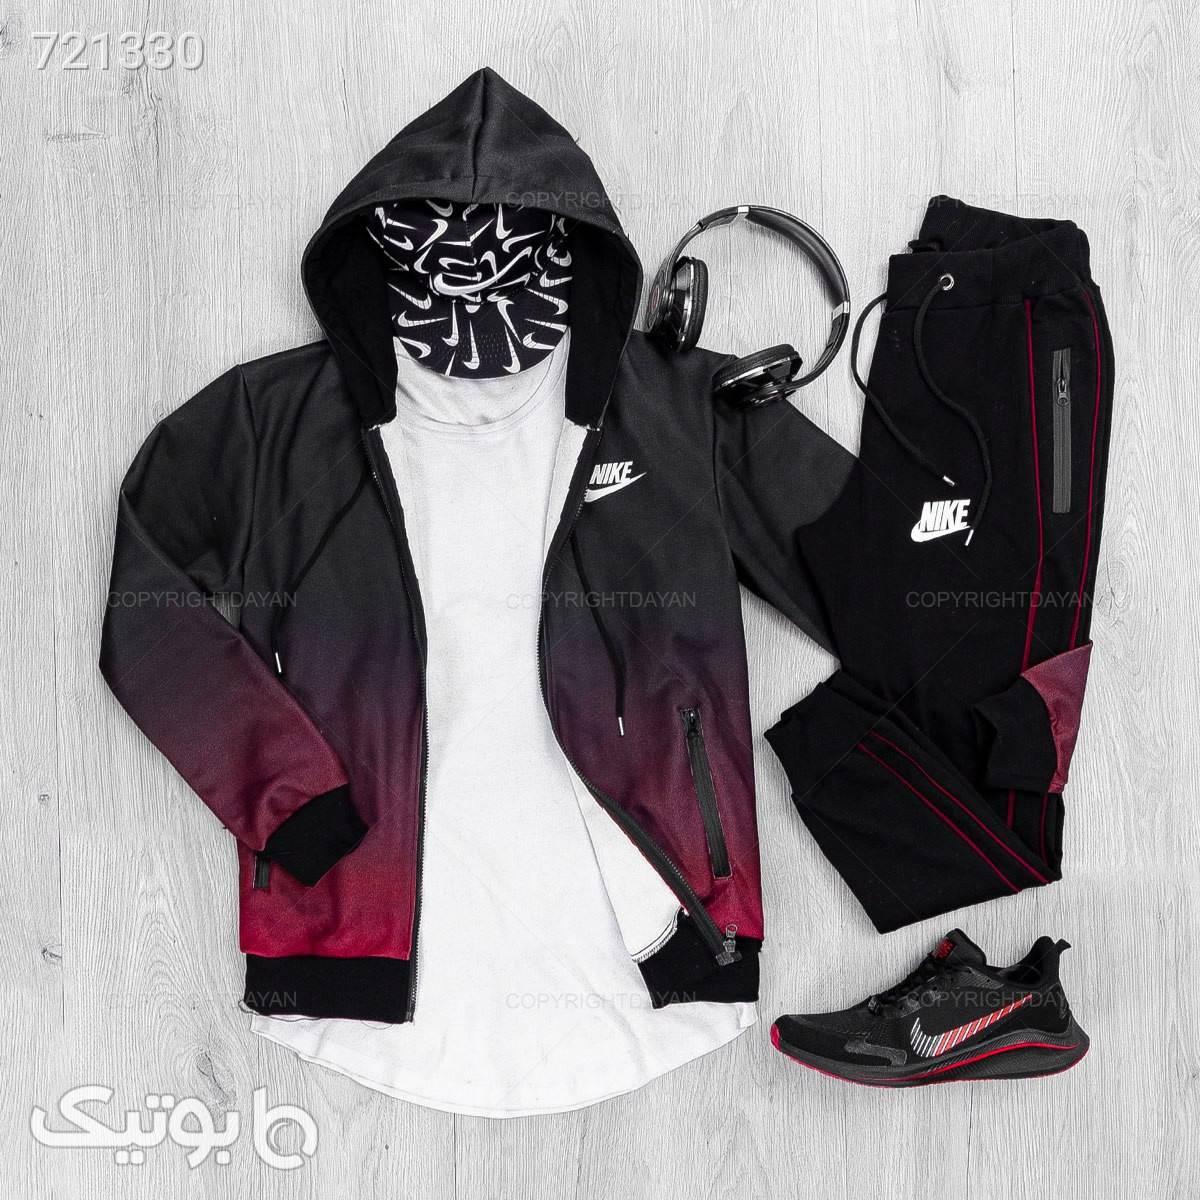 ست سویشرت و شلوار مردانه Nike مشکی ست ورزشی مردانه